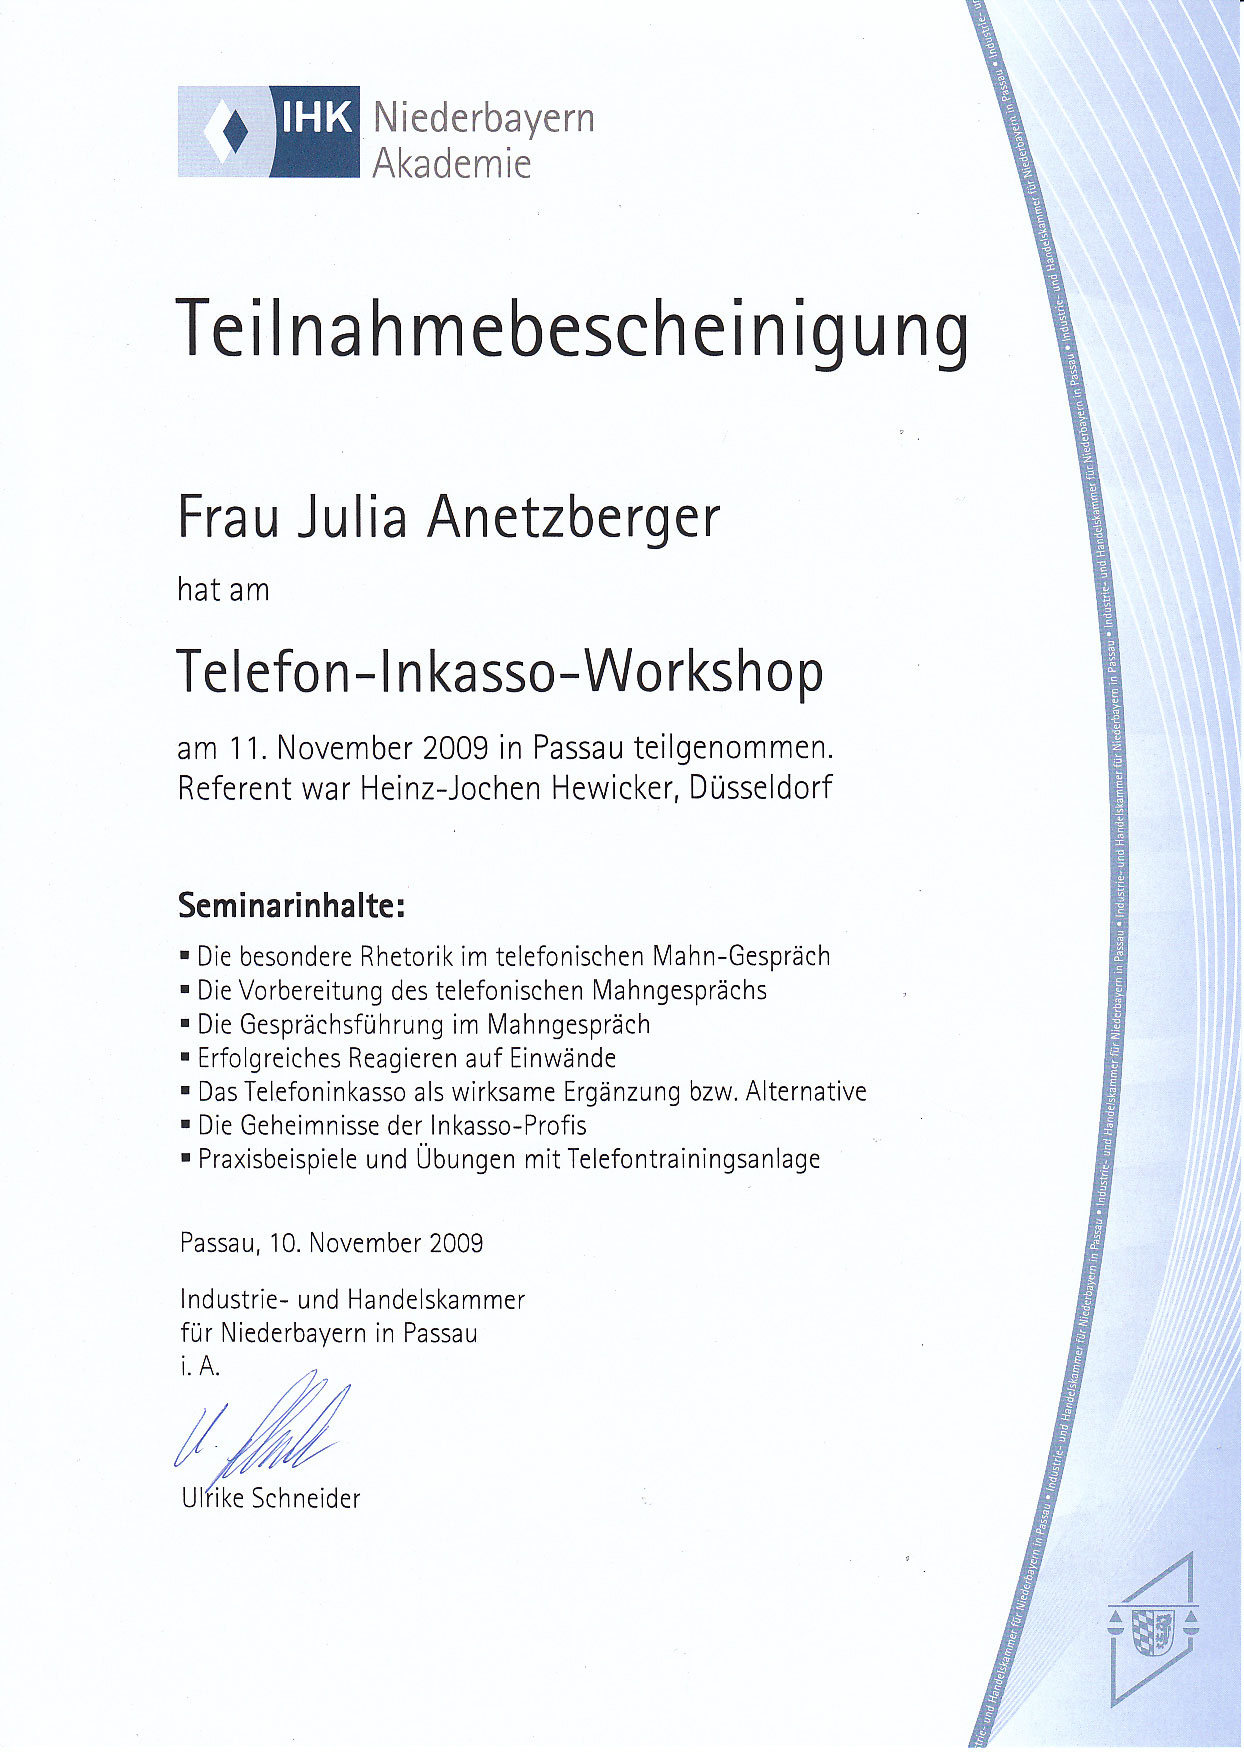 Großzügig Weiterbildung Zertifikat Vorlage Bilder - Entry Level ...